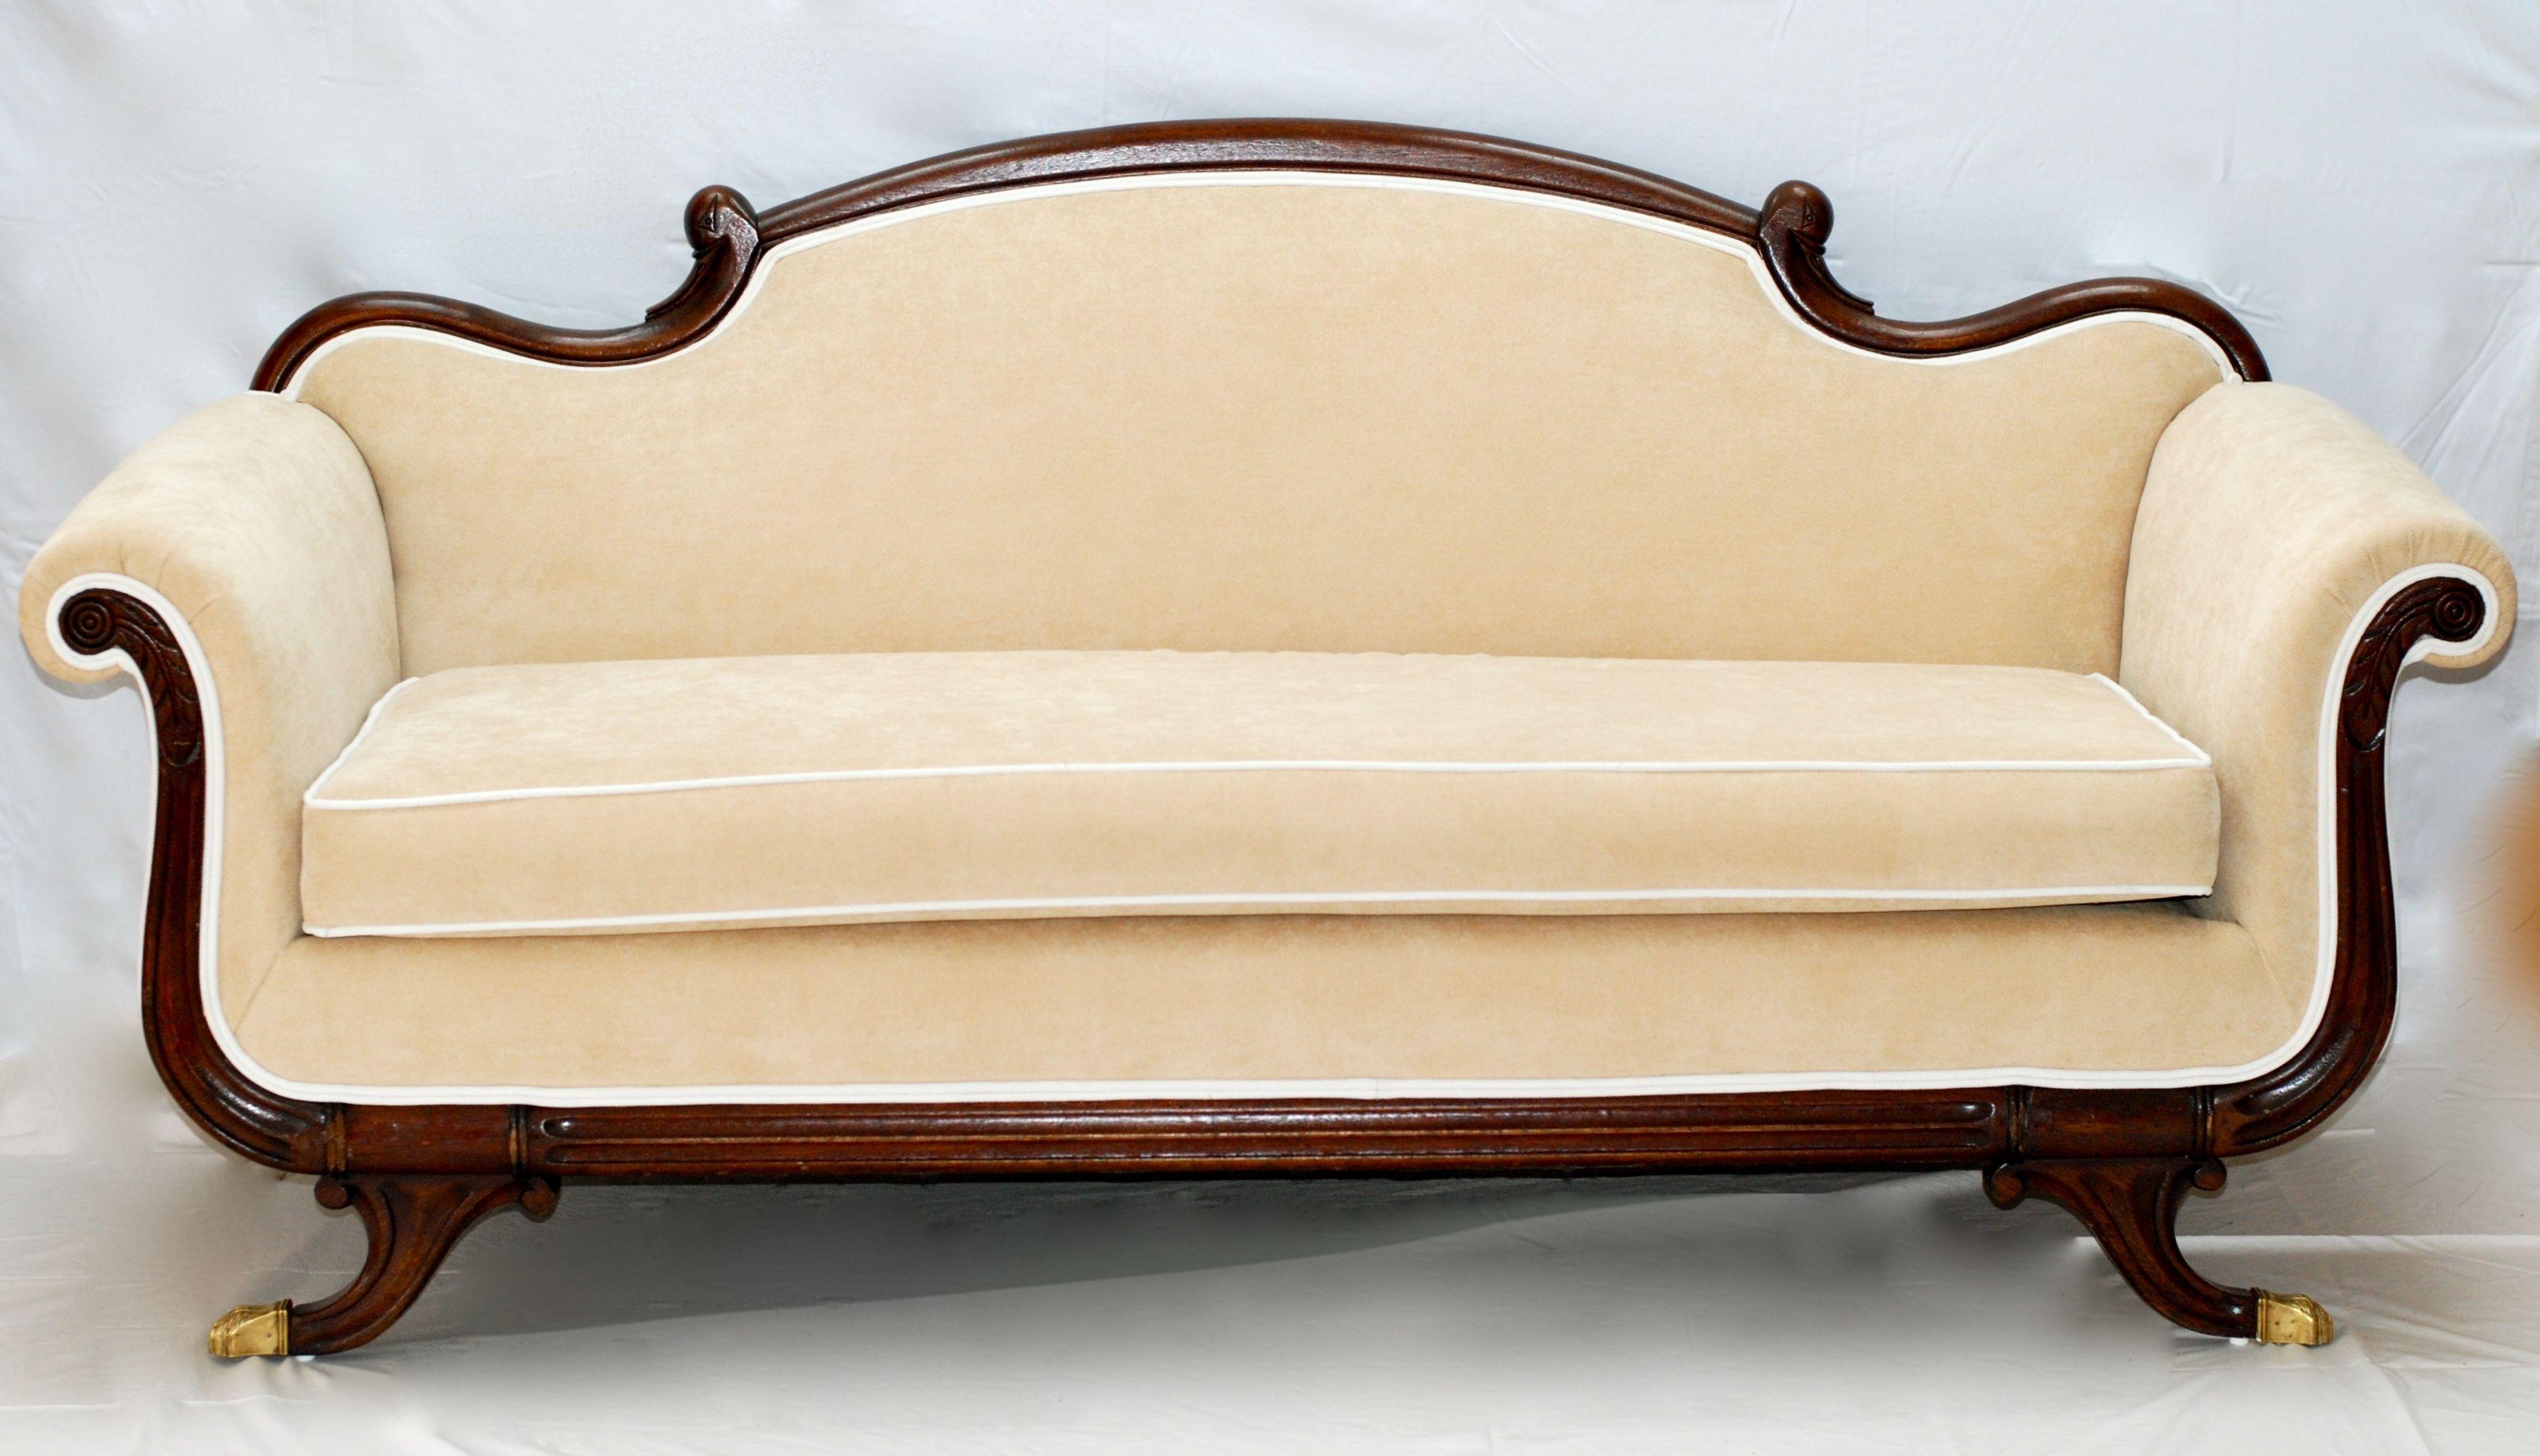 Image Result For Antique Sofa Reupholstered | Antique Sofa intended for Antique Sofas (Image 8 of 10)